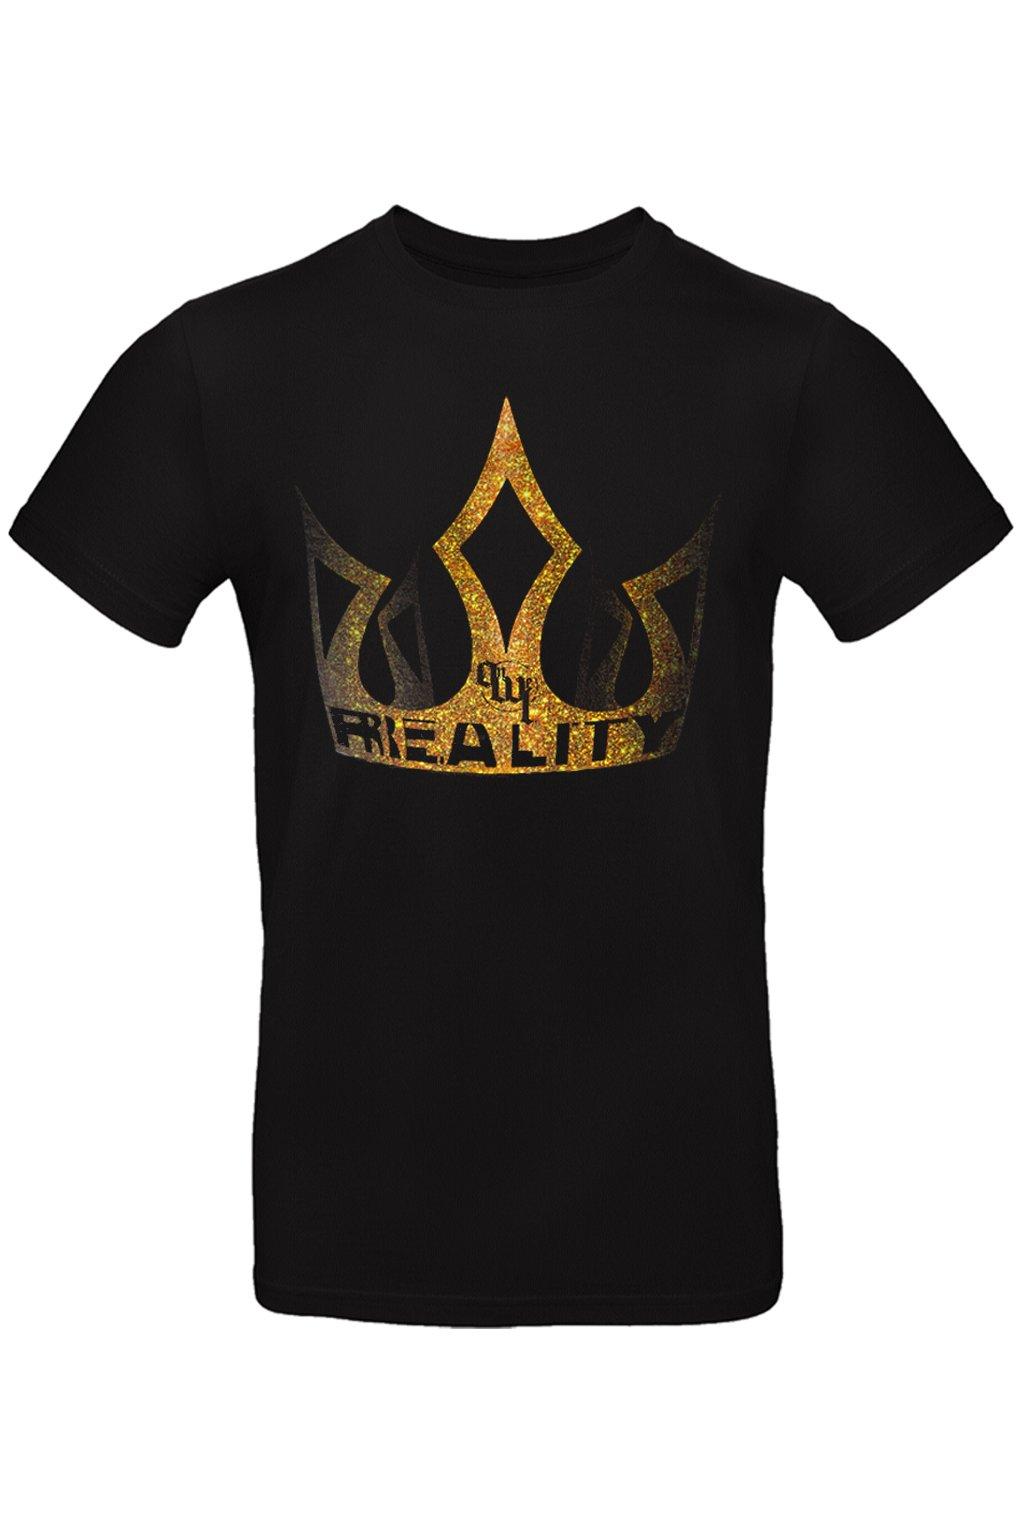 tričko královská koruna